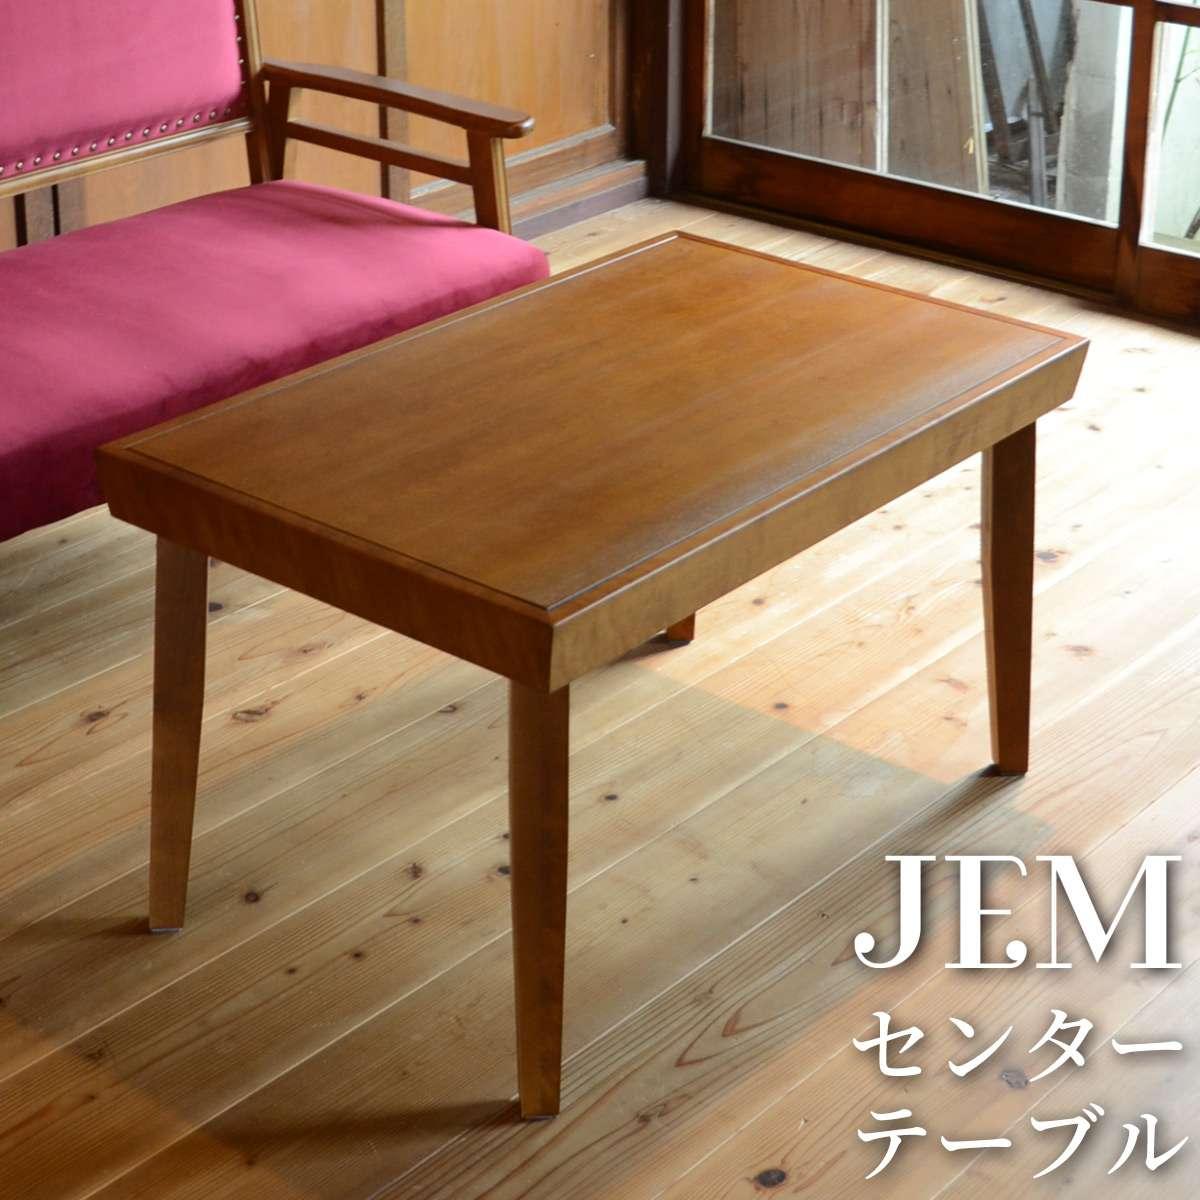 ローテーブル リビングテーブル スリム 小さめ 木製 おしゃれ シンプル センターテーブル 長方形 テーブル パソコン リビング 幅90 和風 高め